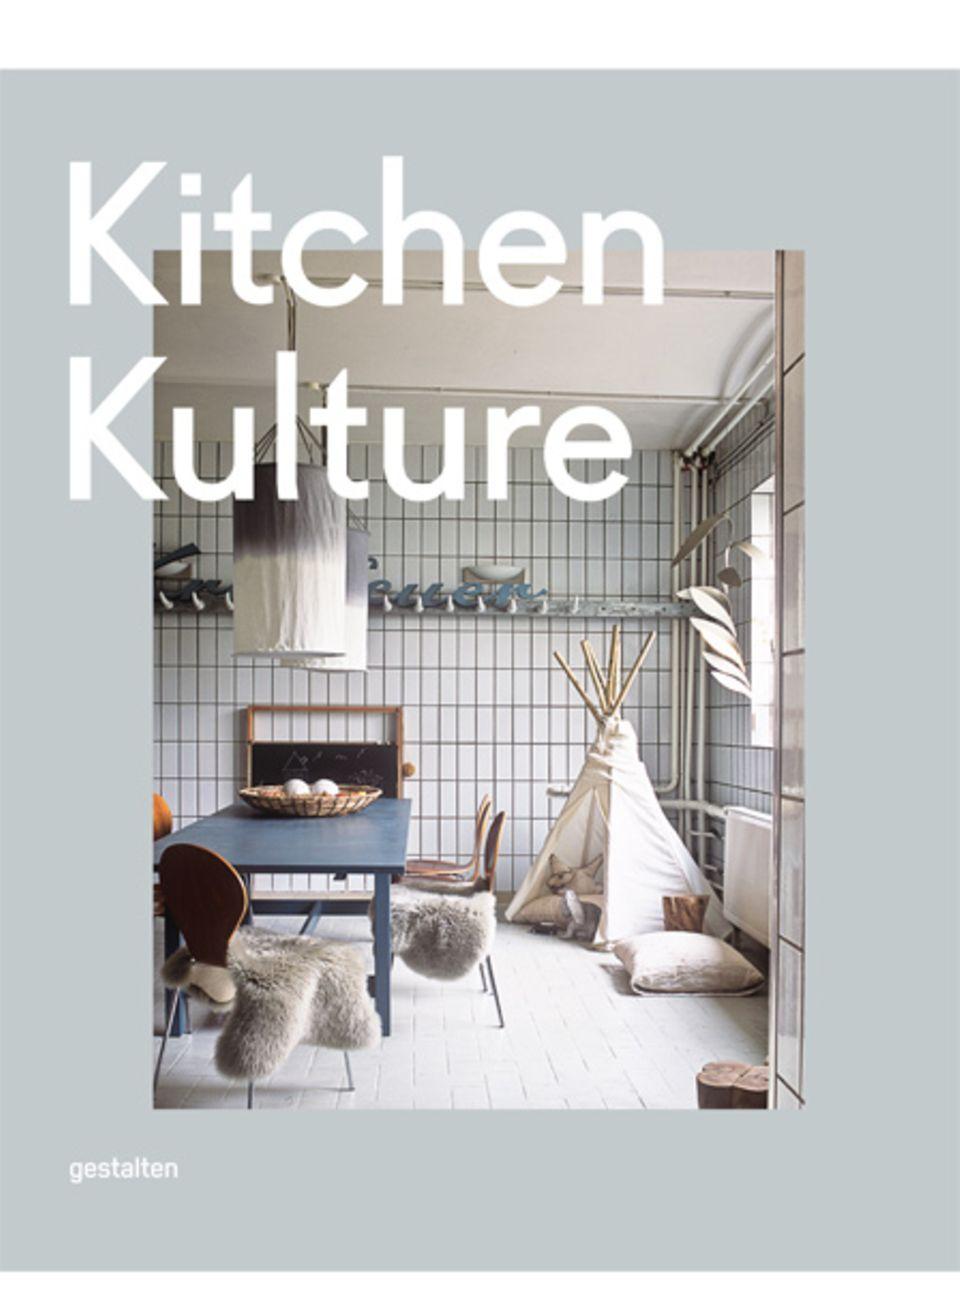 Kitchen Kulture: Küchendesign at it's best